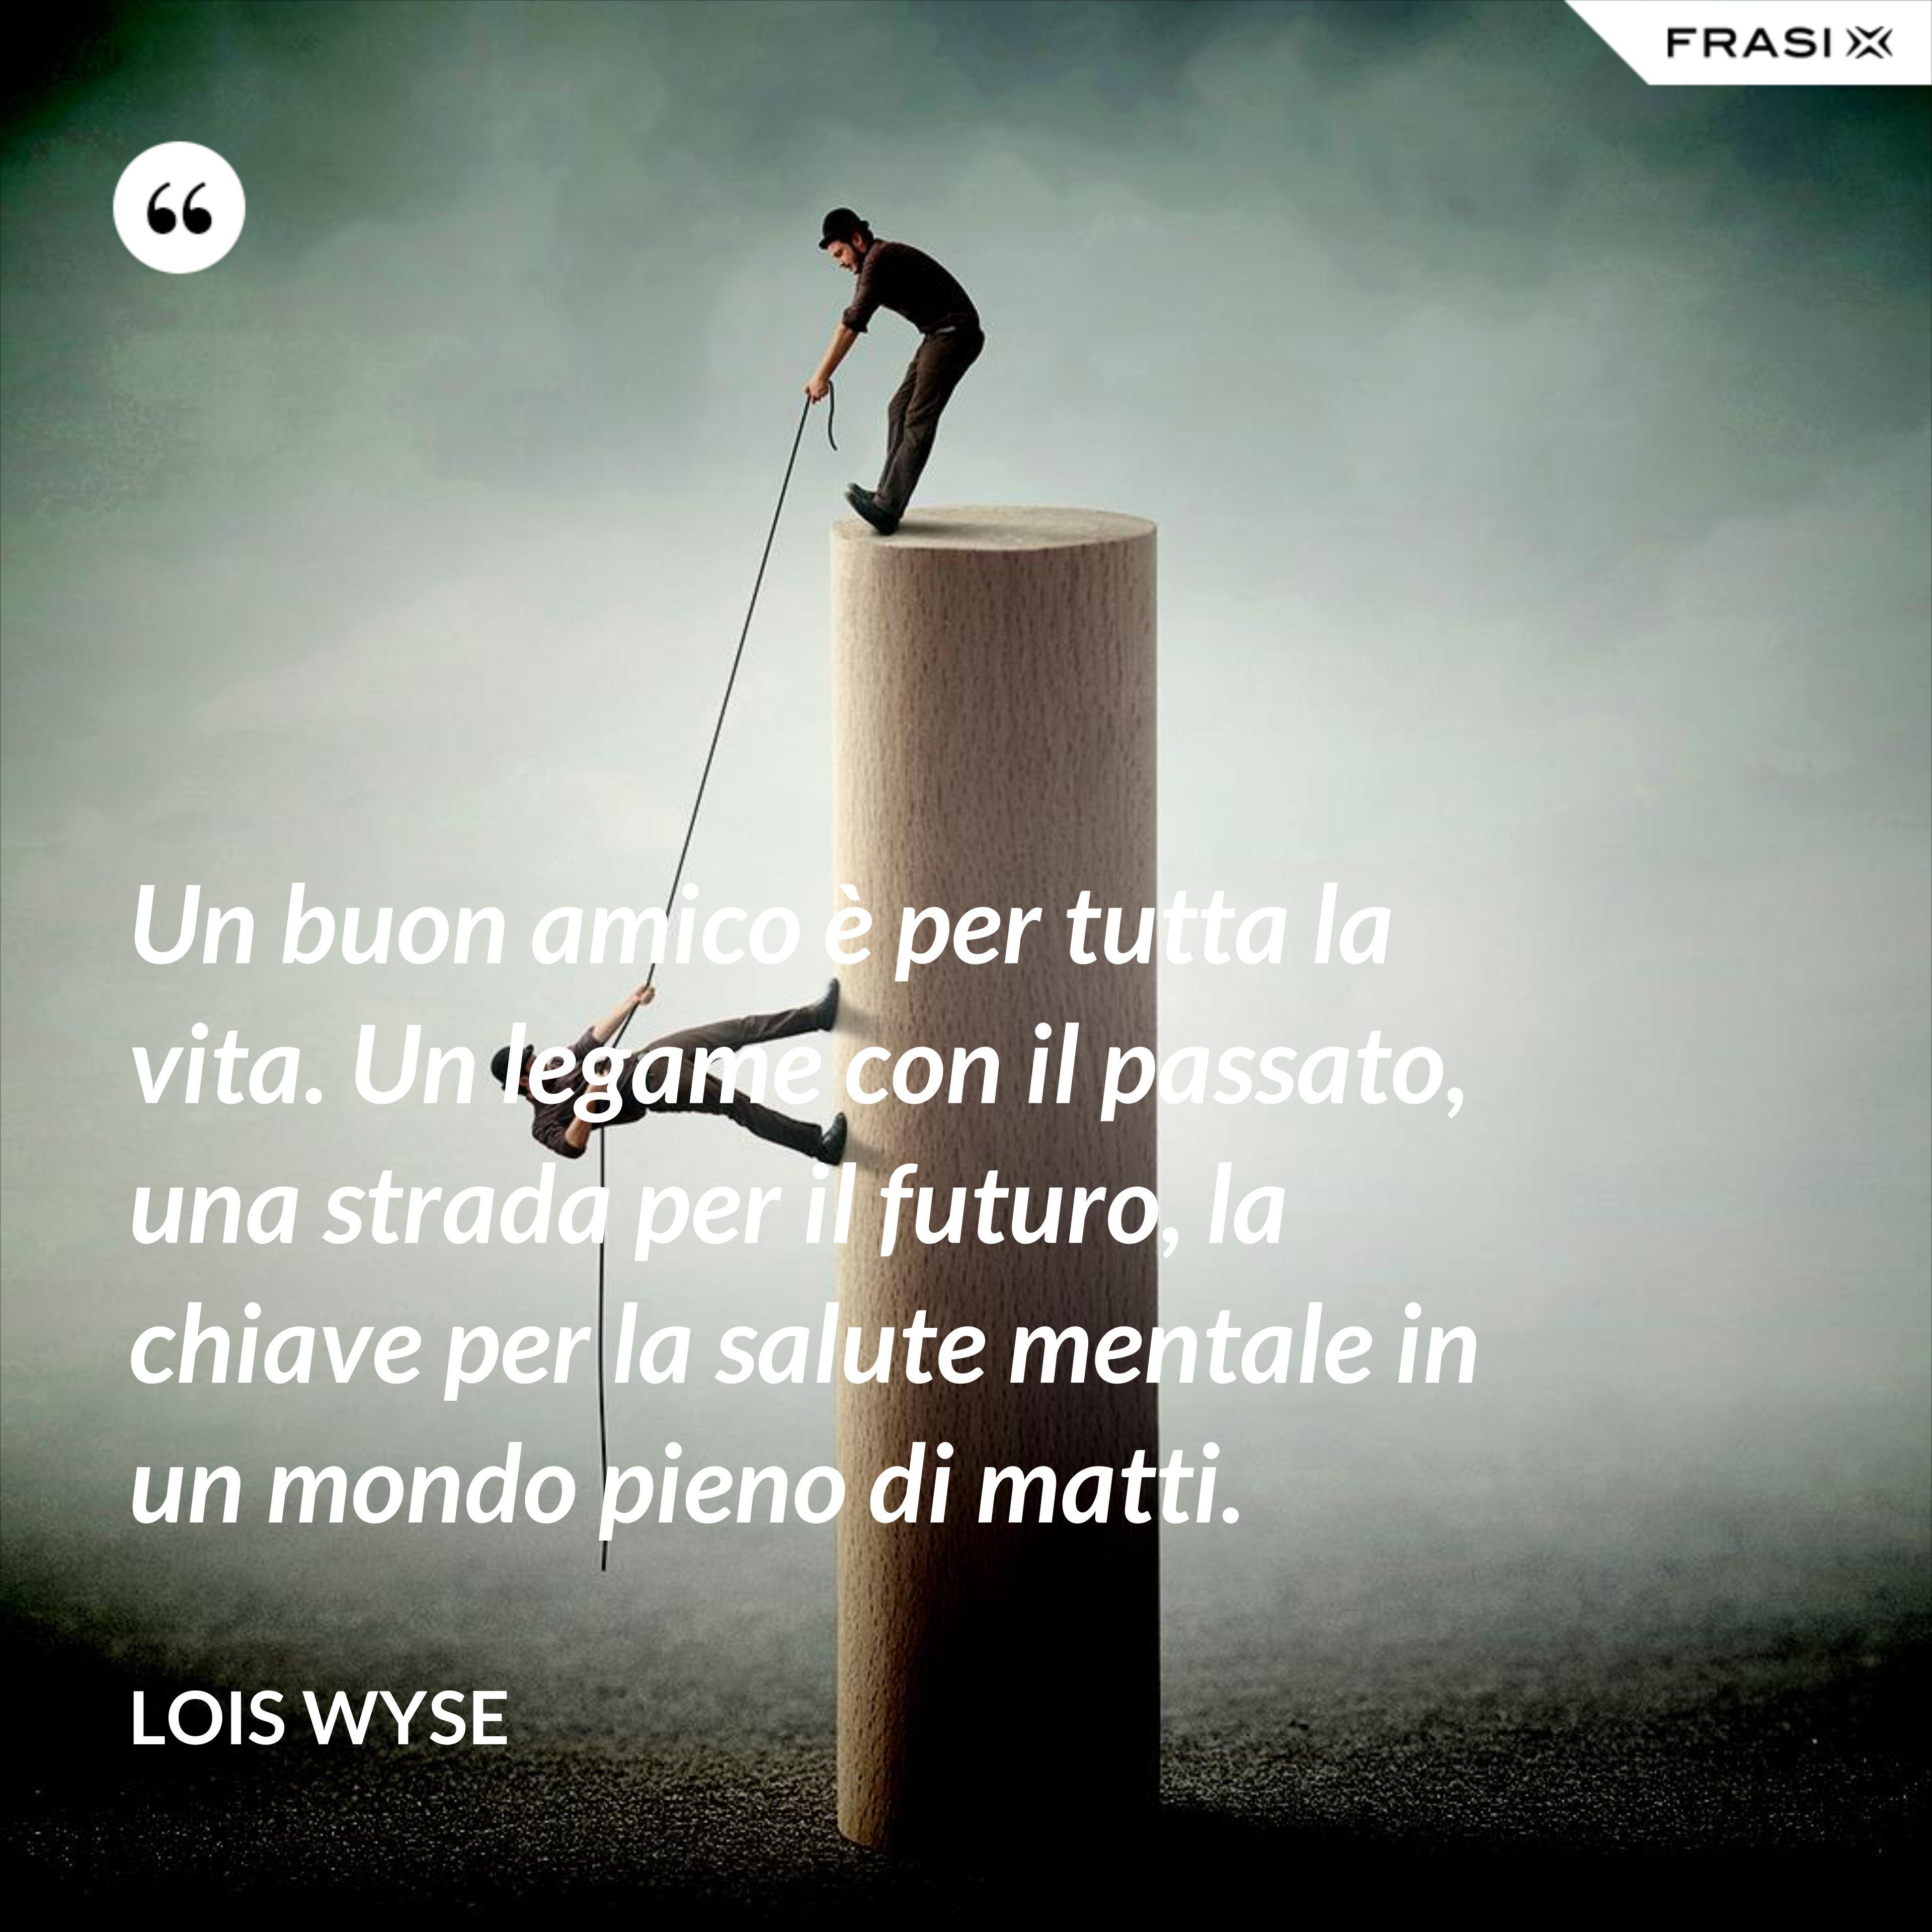 Un buon amico è per tutta la vita. Un legame con il passato, una strada per il futuro, la chiave per la salute mentale in un mondo pieno di matti. - Lois Wyse